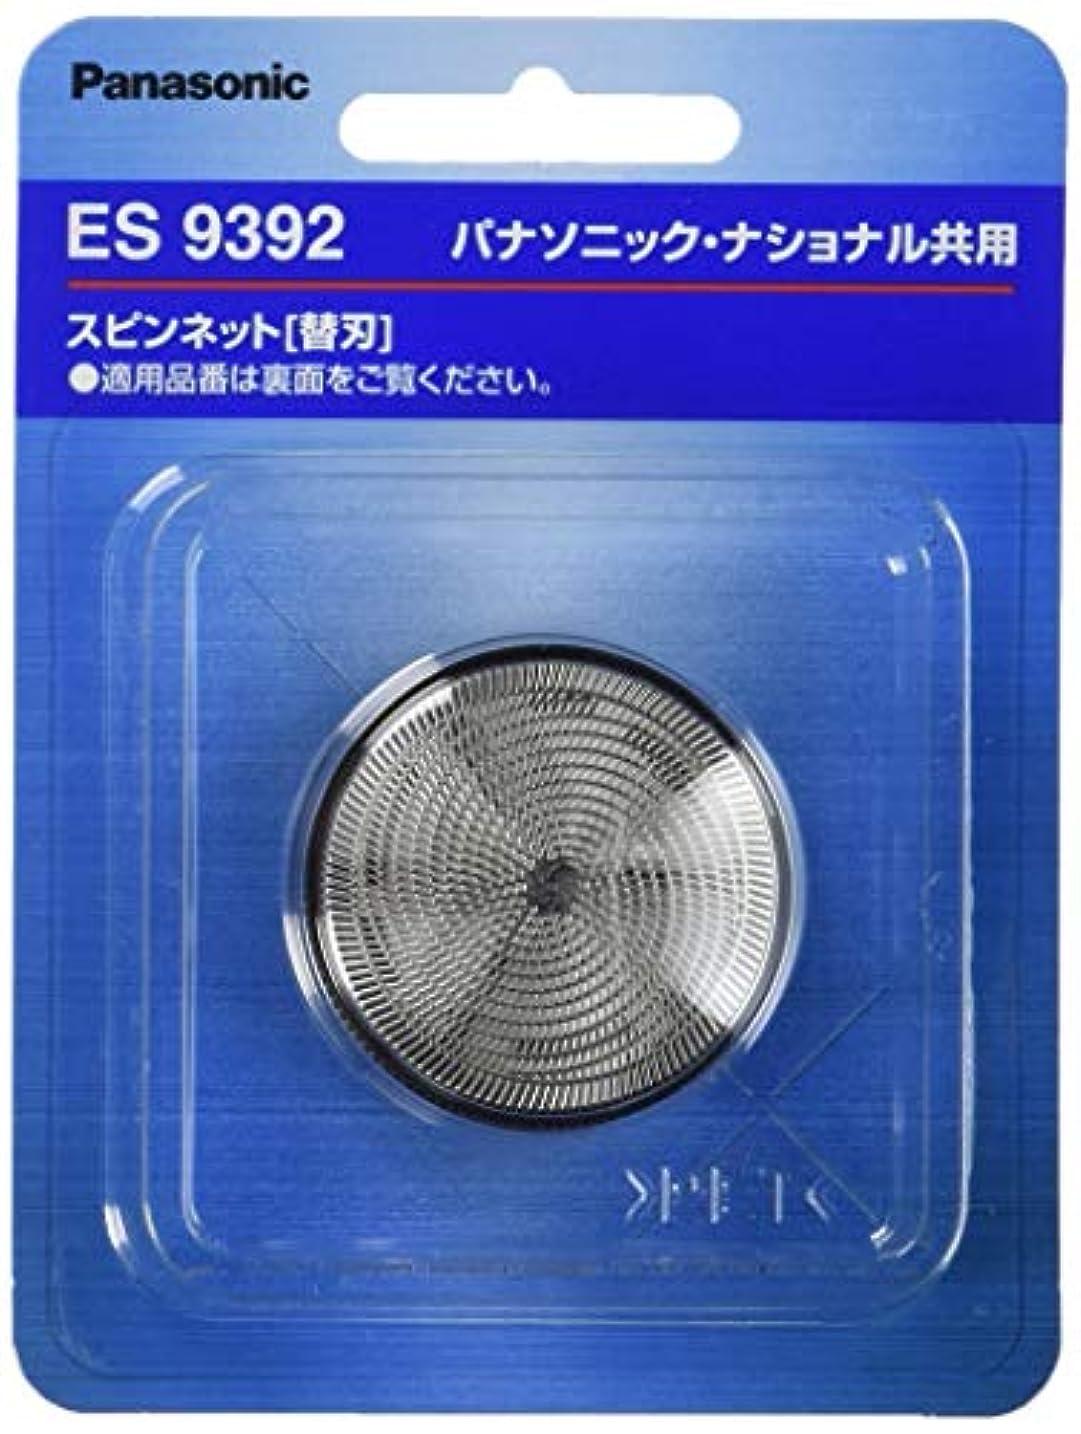 落胆したファンネルウェブスパイダービジネスパナソニック 替刃 メンズシェーバー用 ES9392